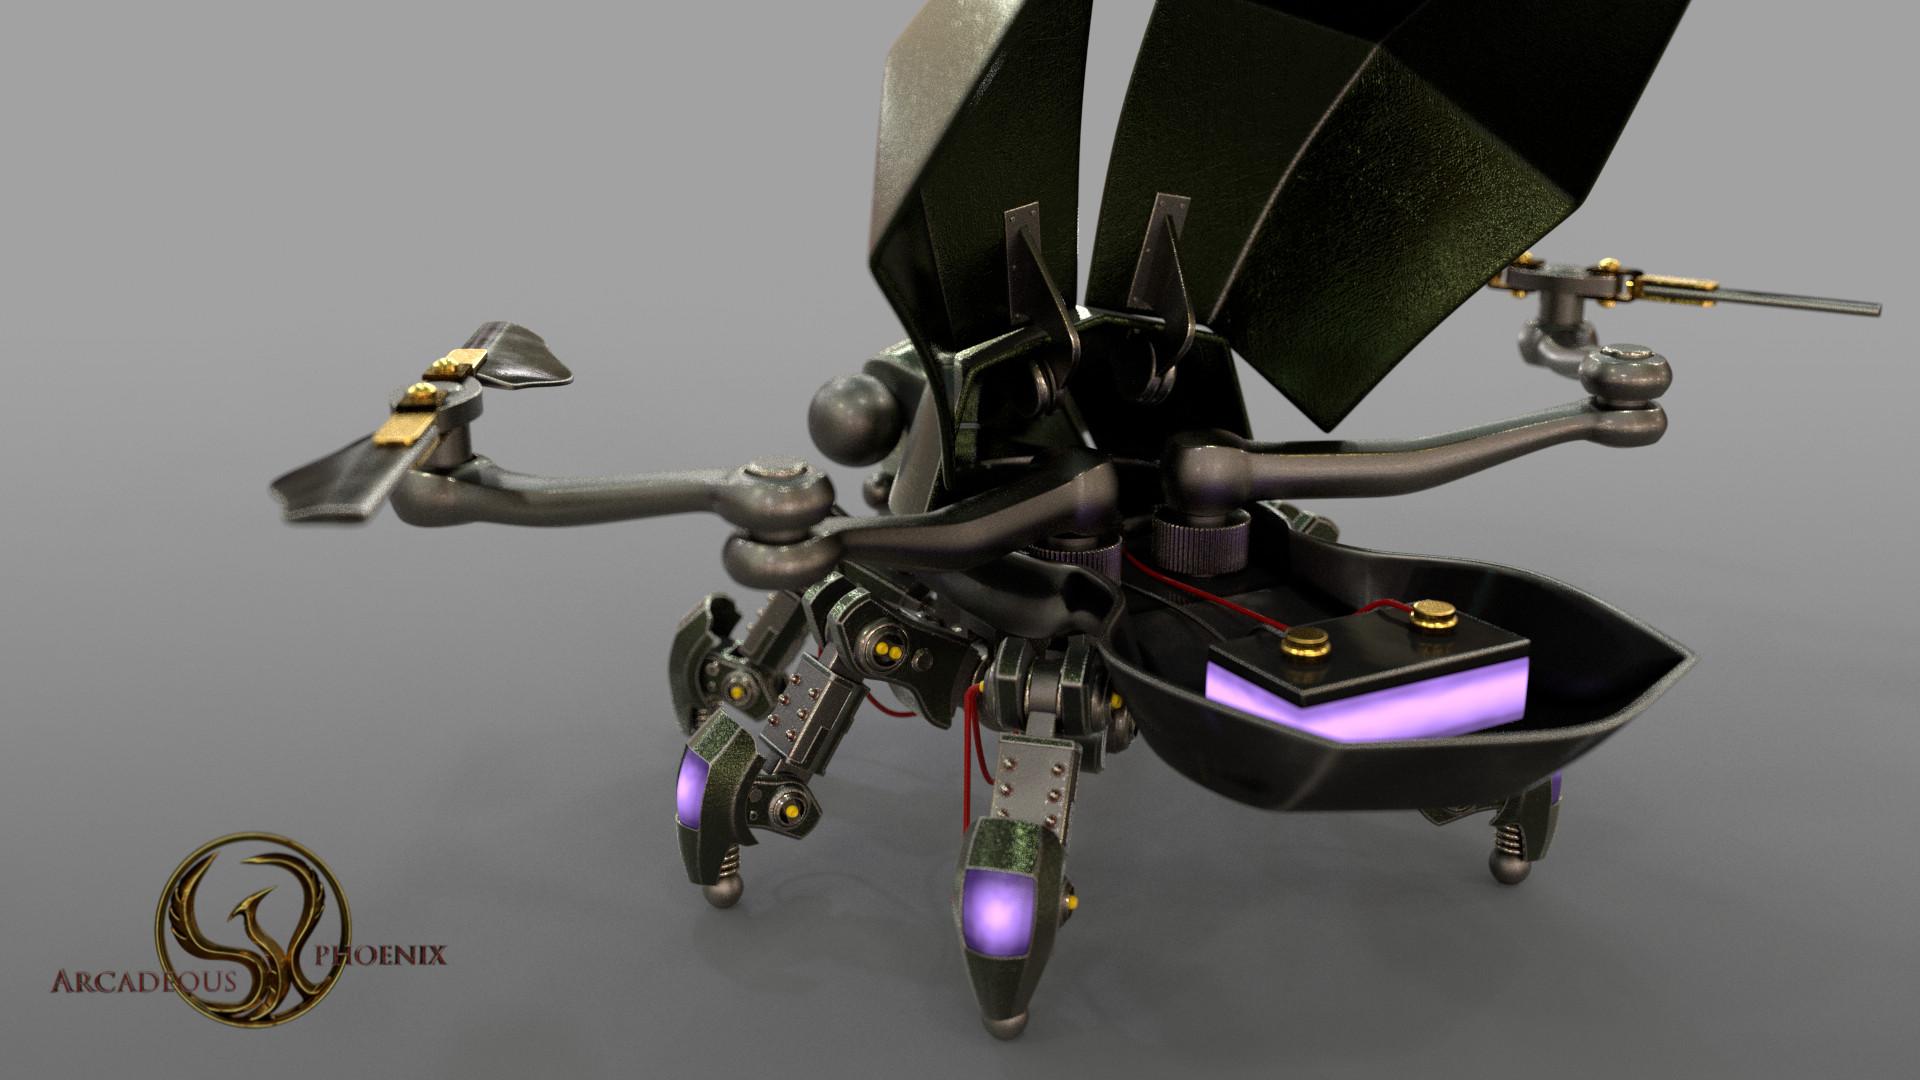 Arcadeous phoenix scarab v9b